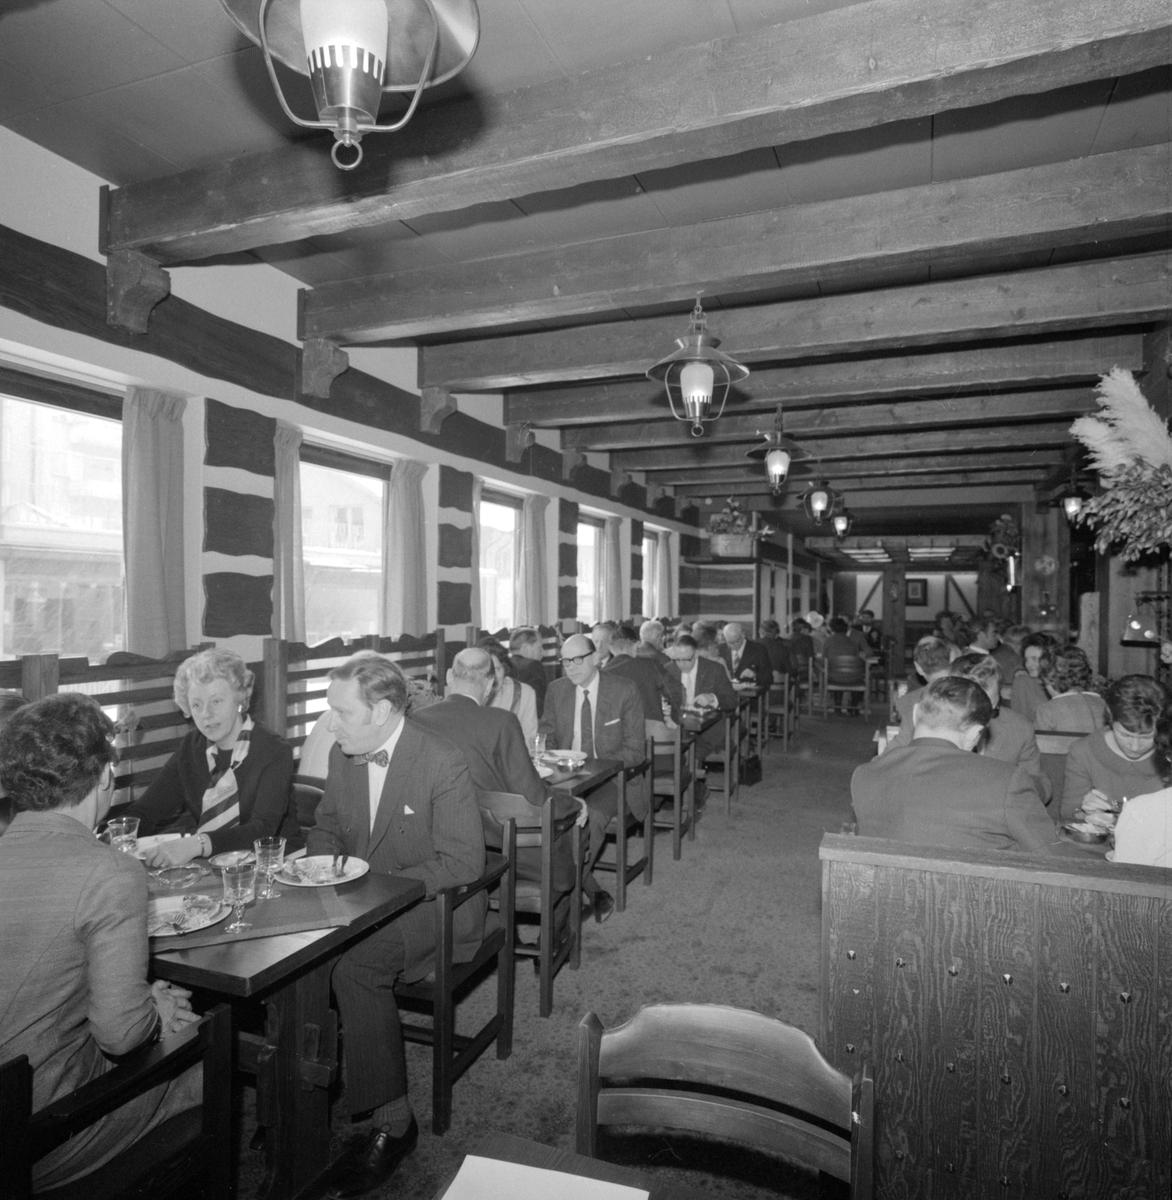 Interiör från klassiska restaurangen Göran Dyk i Linköping. Bild i samband med återinvigning efter ombyggnad 1971.